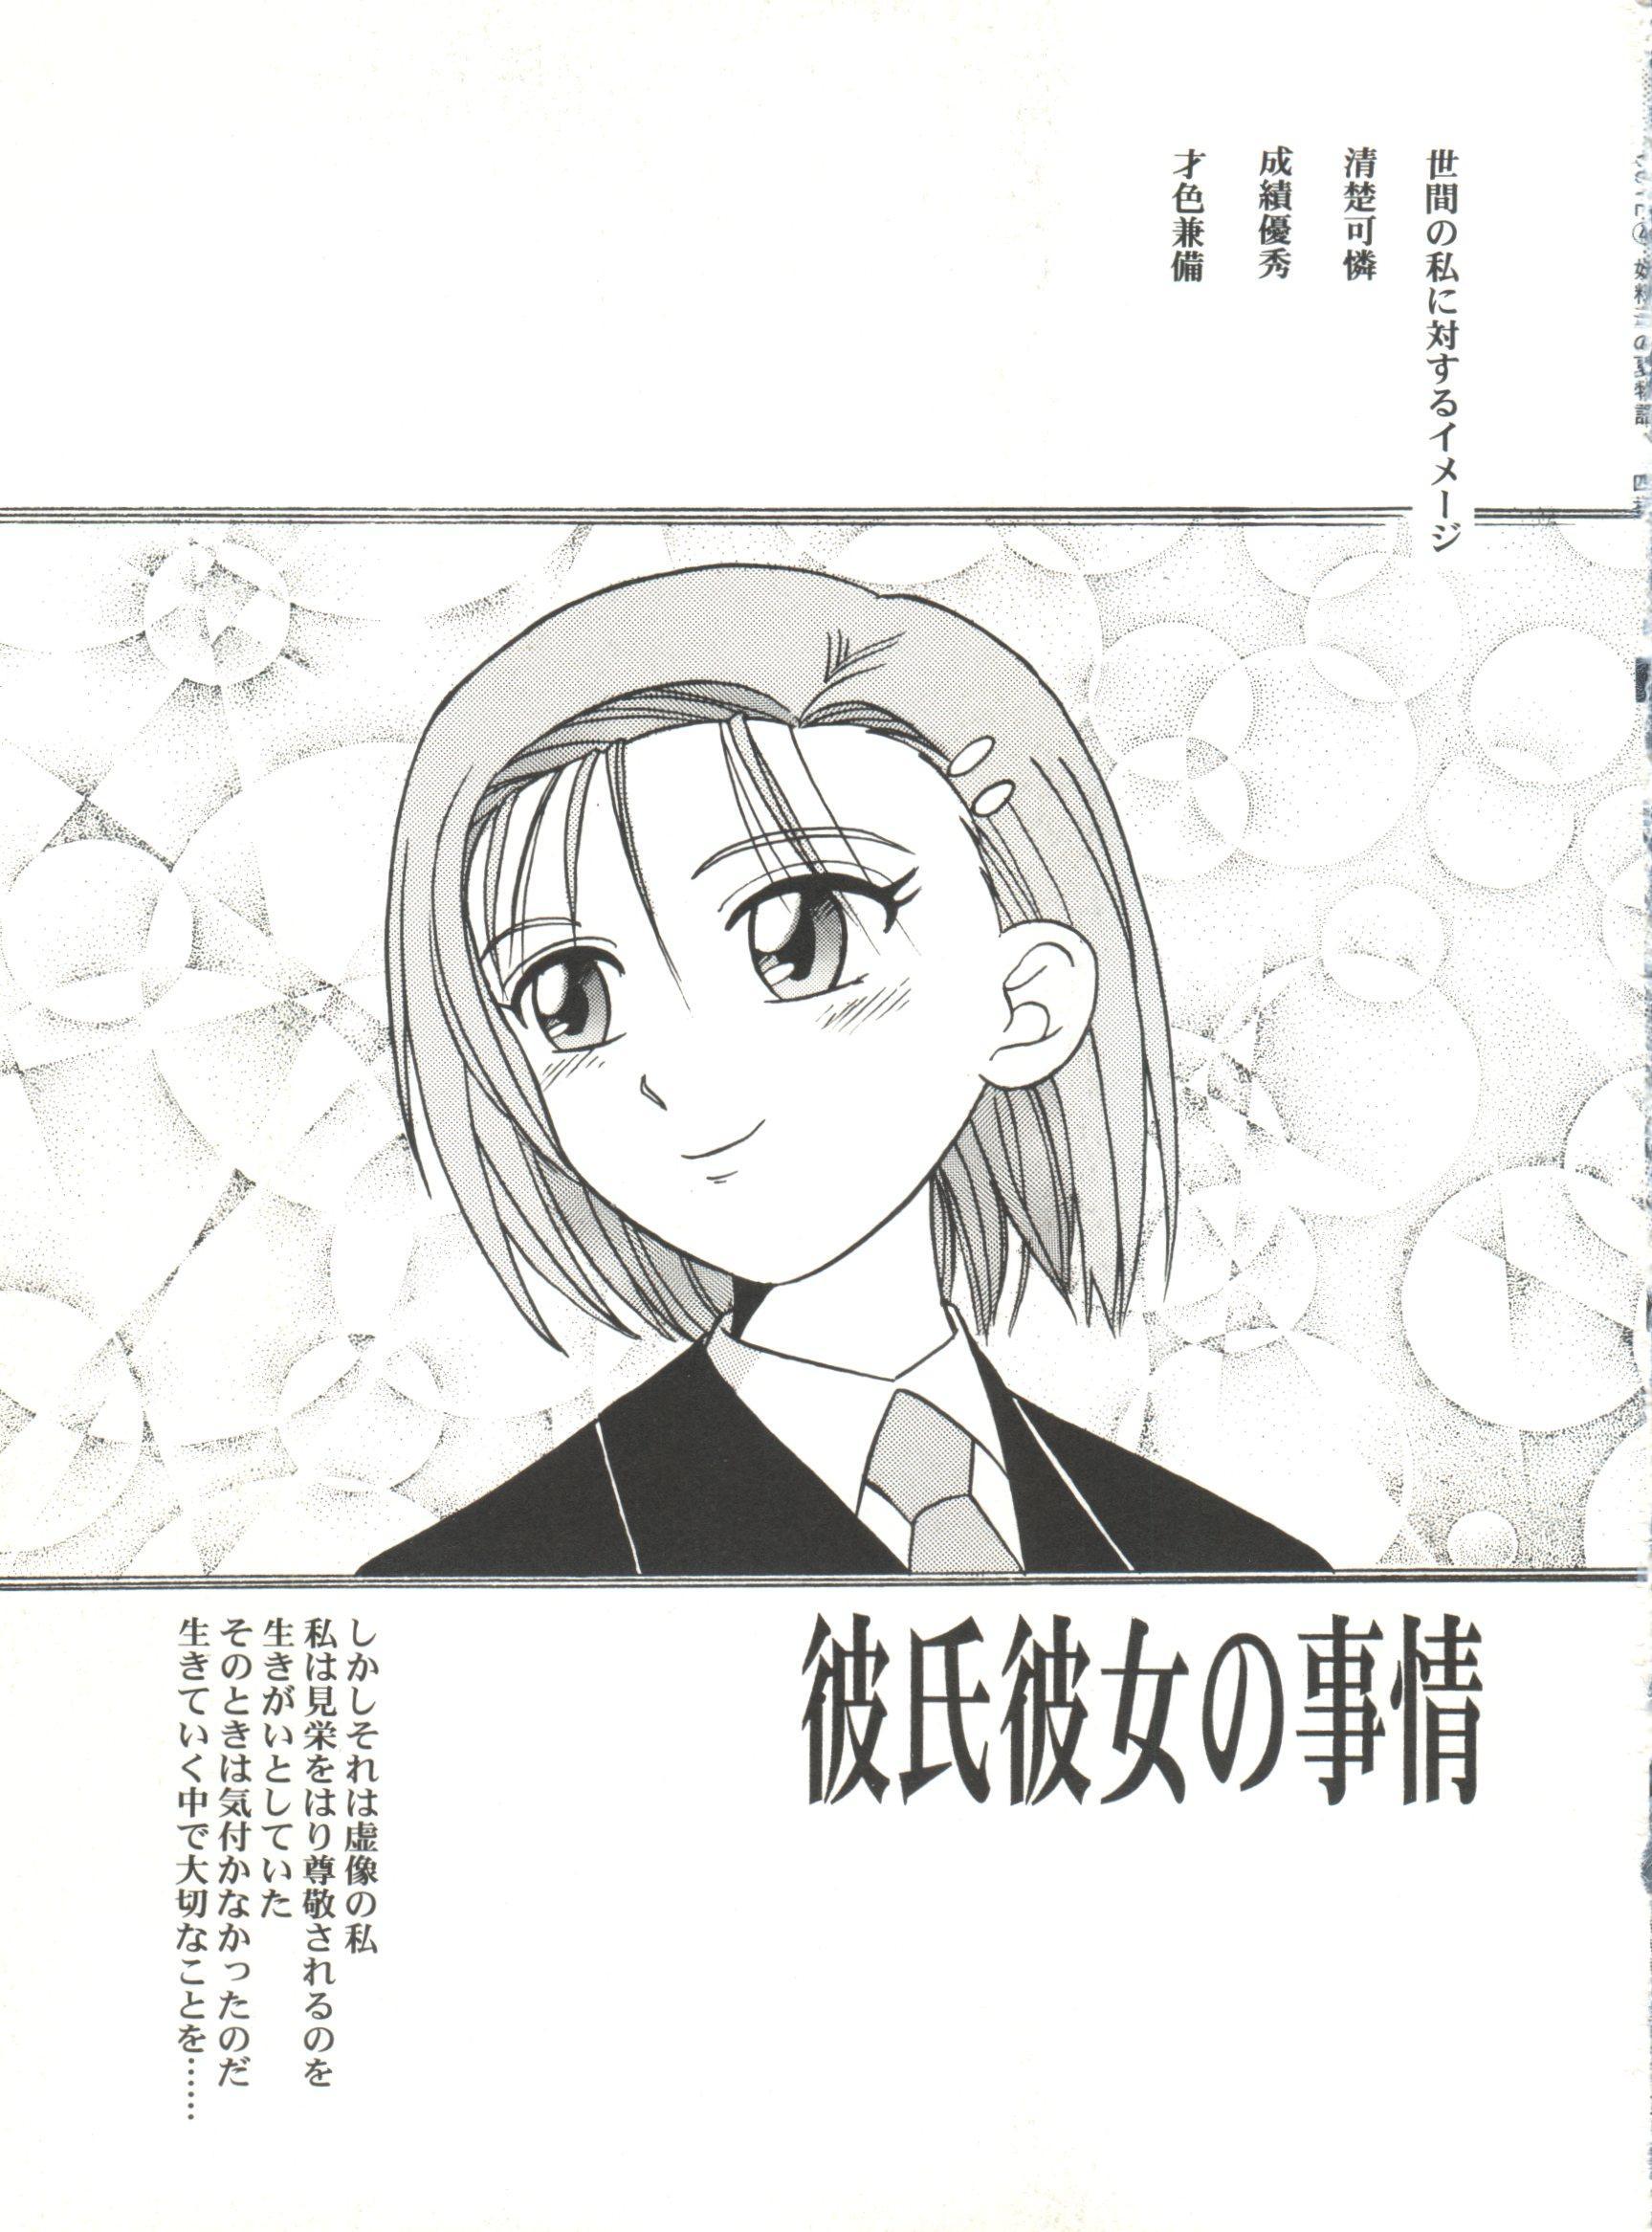 Bishoujo Doujinshi Anthology Cute 4 50